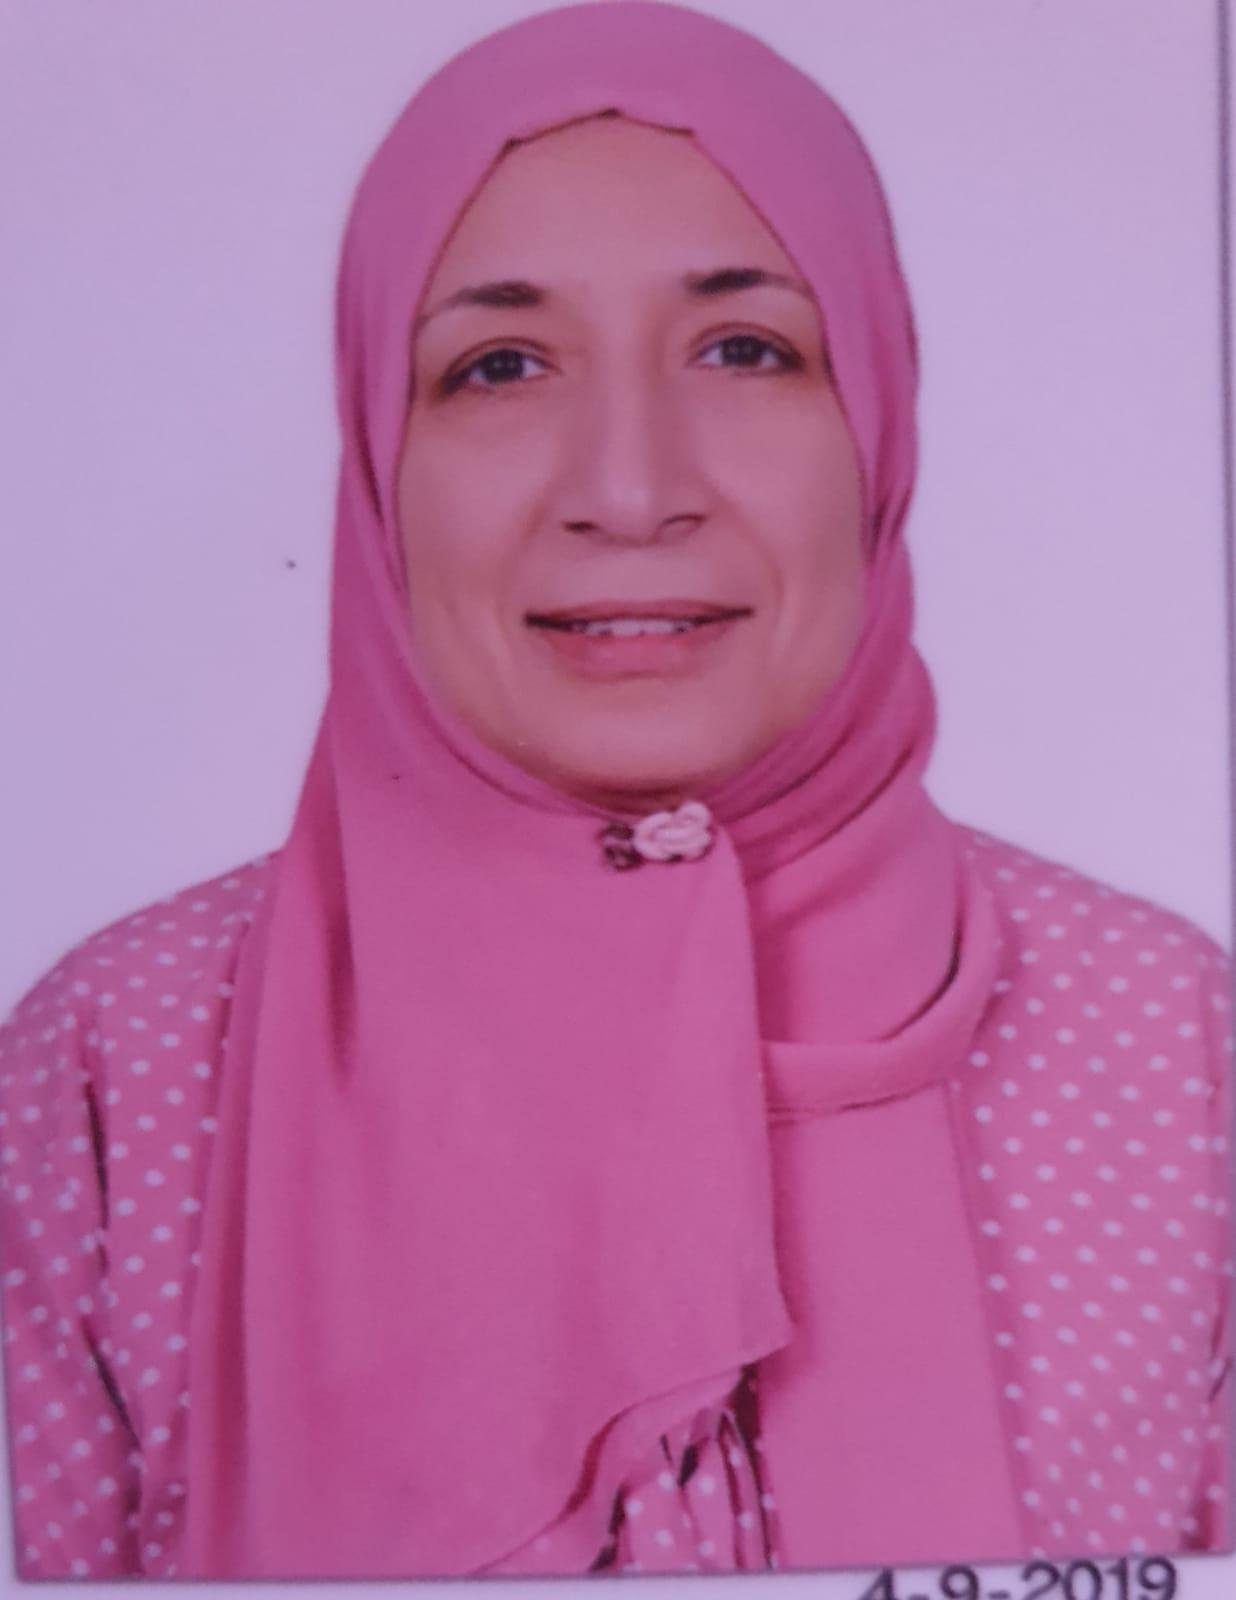 هناء أبو رية رئيسًا لقسم التوليد وأمراض النساء بكلية طب بنات الأزهر